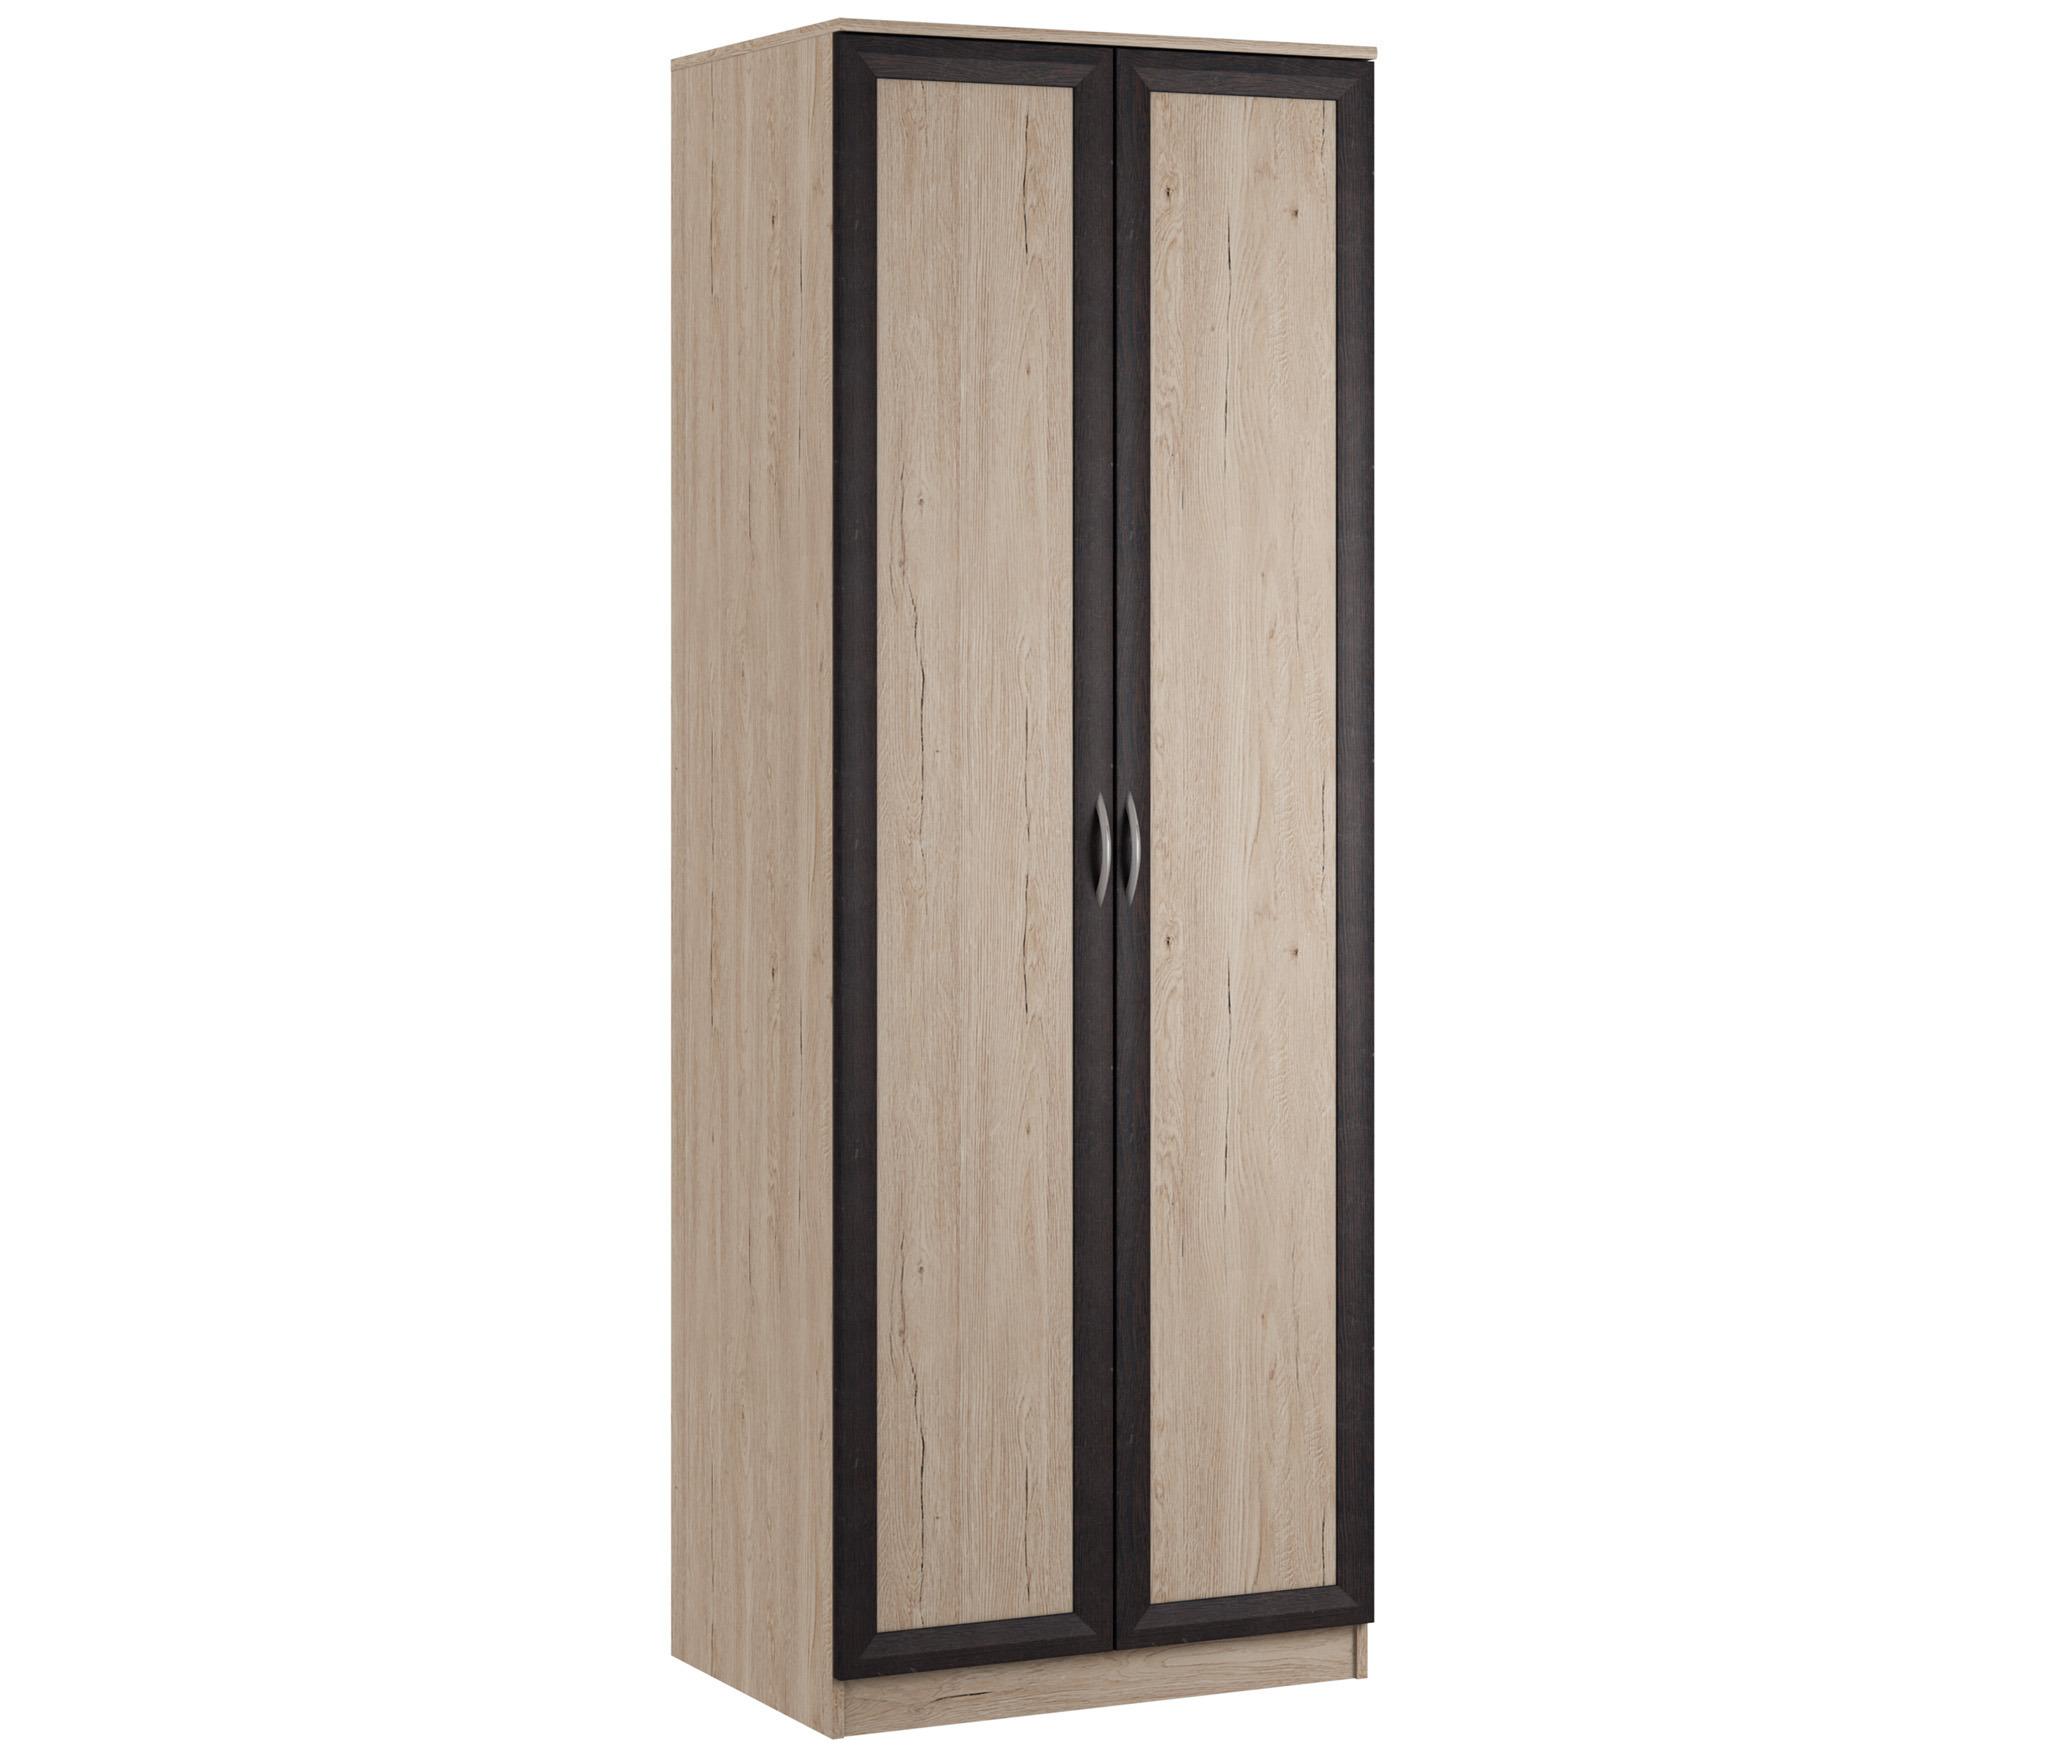 Джорджия СБ-2278 Шкаф 2-х дверный Столплит 0112278005159